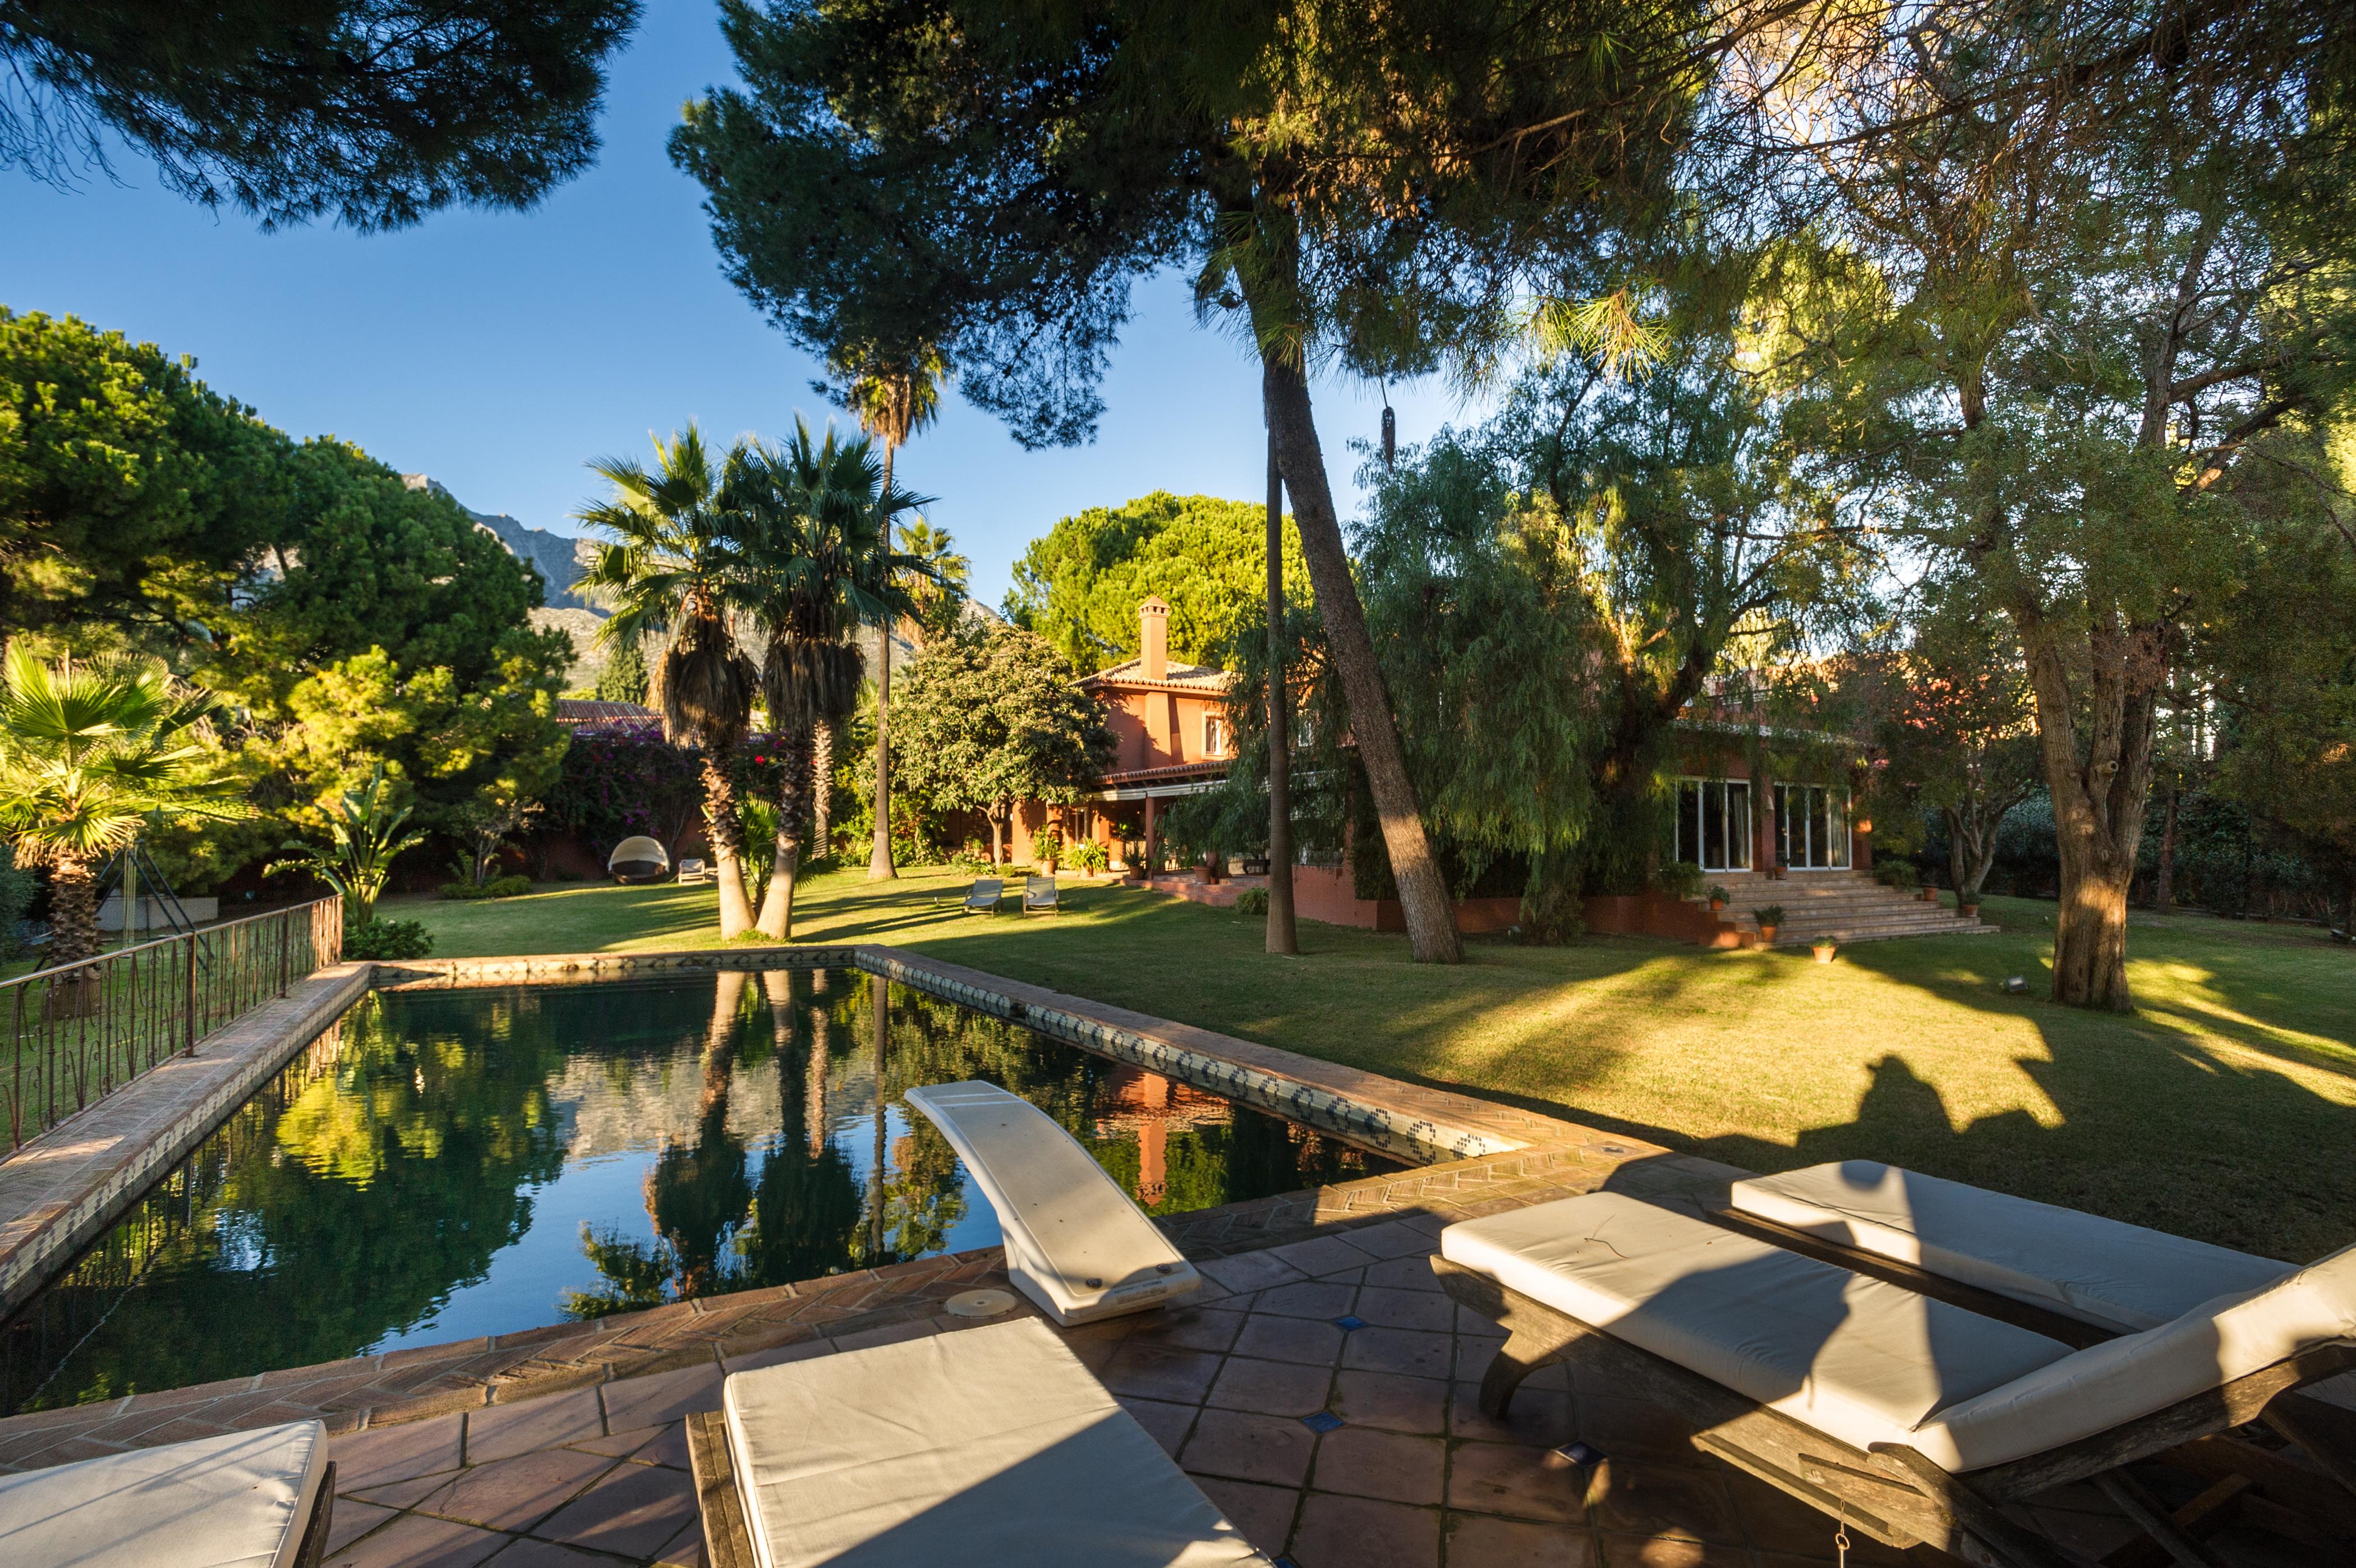 359-00147P-DUP: Villa in Marbella